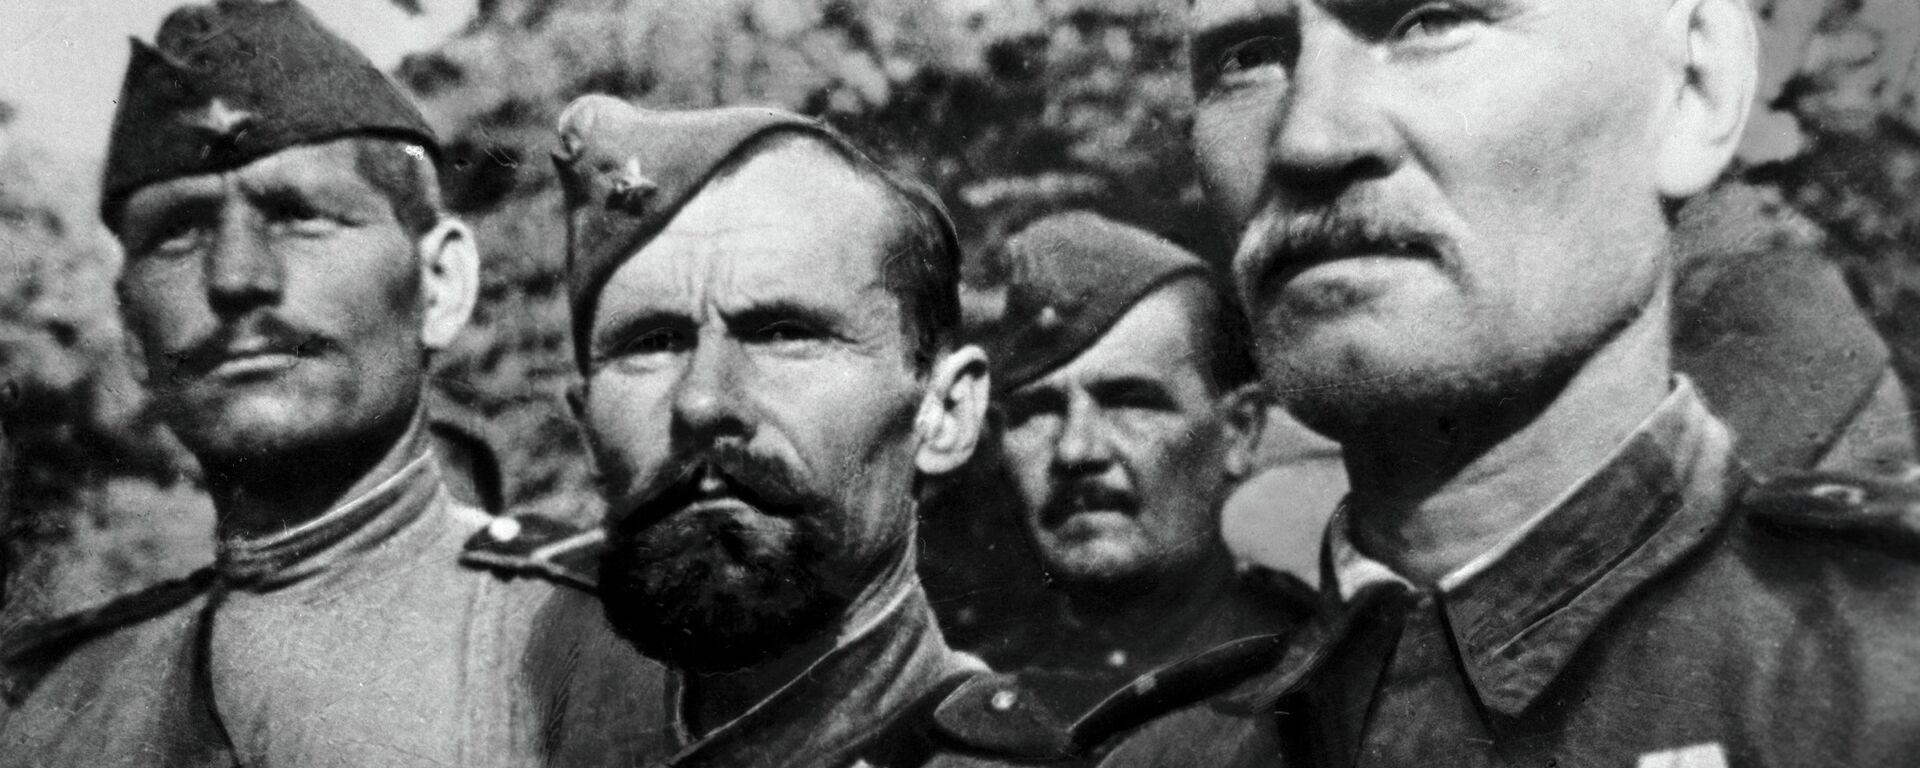 Soldati dell'Armata Rossa - Sputnik Italia, 1920, 14.11.2020